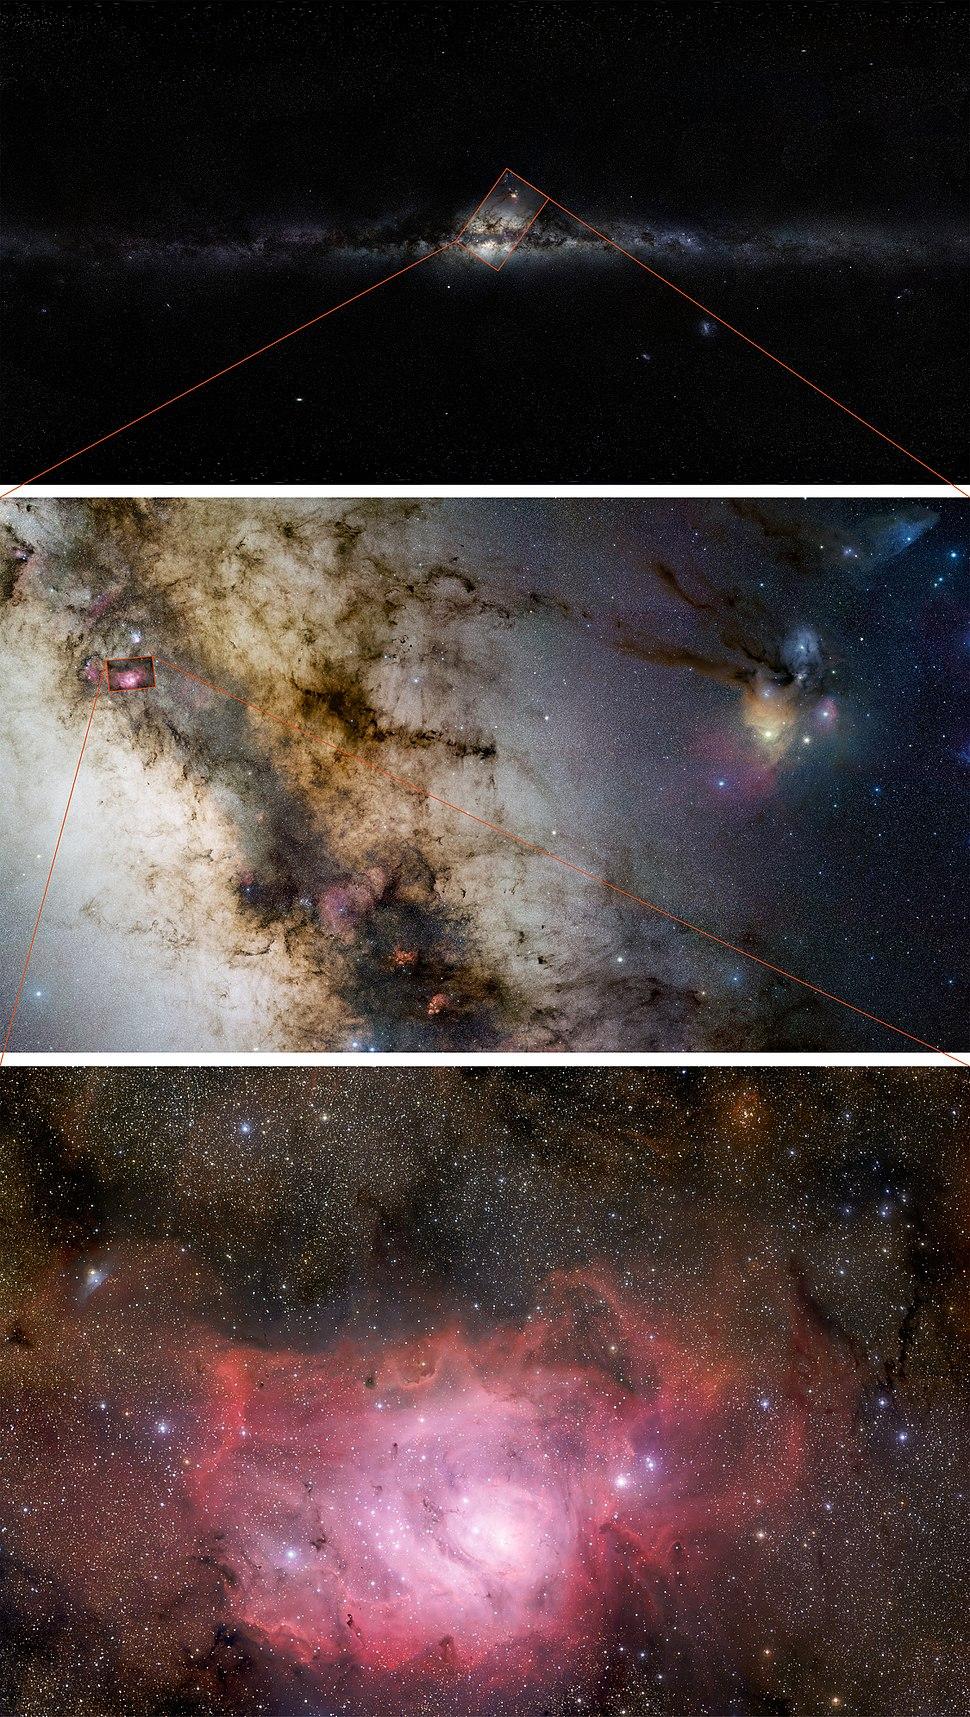 GigaGalaxy Zoom composite